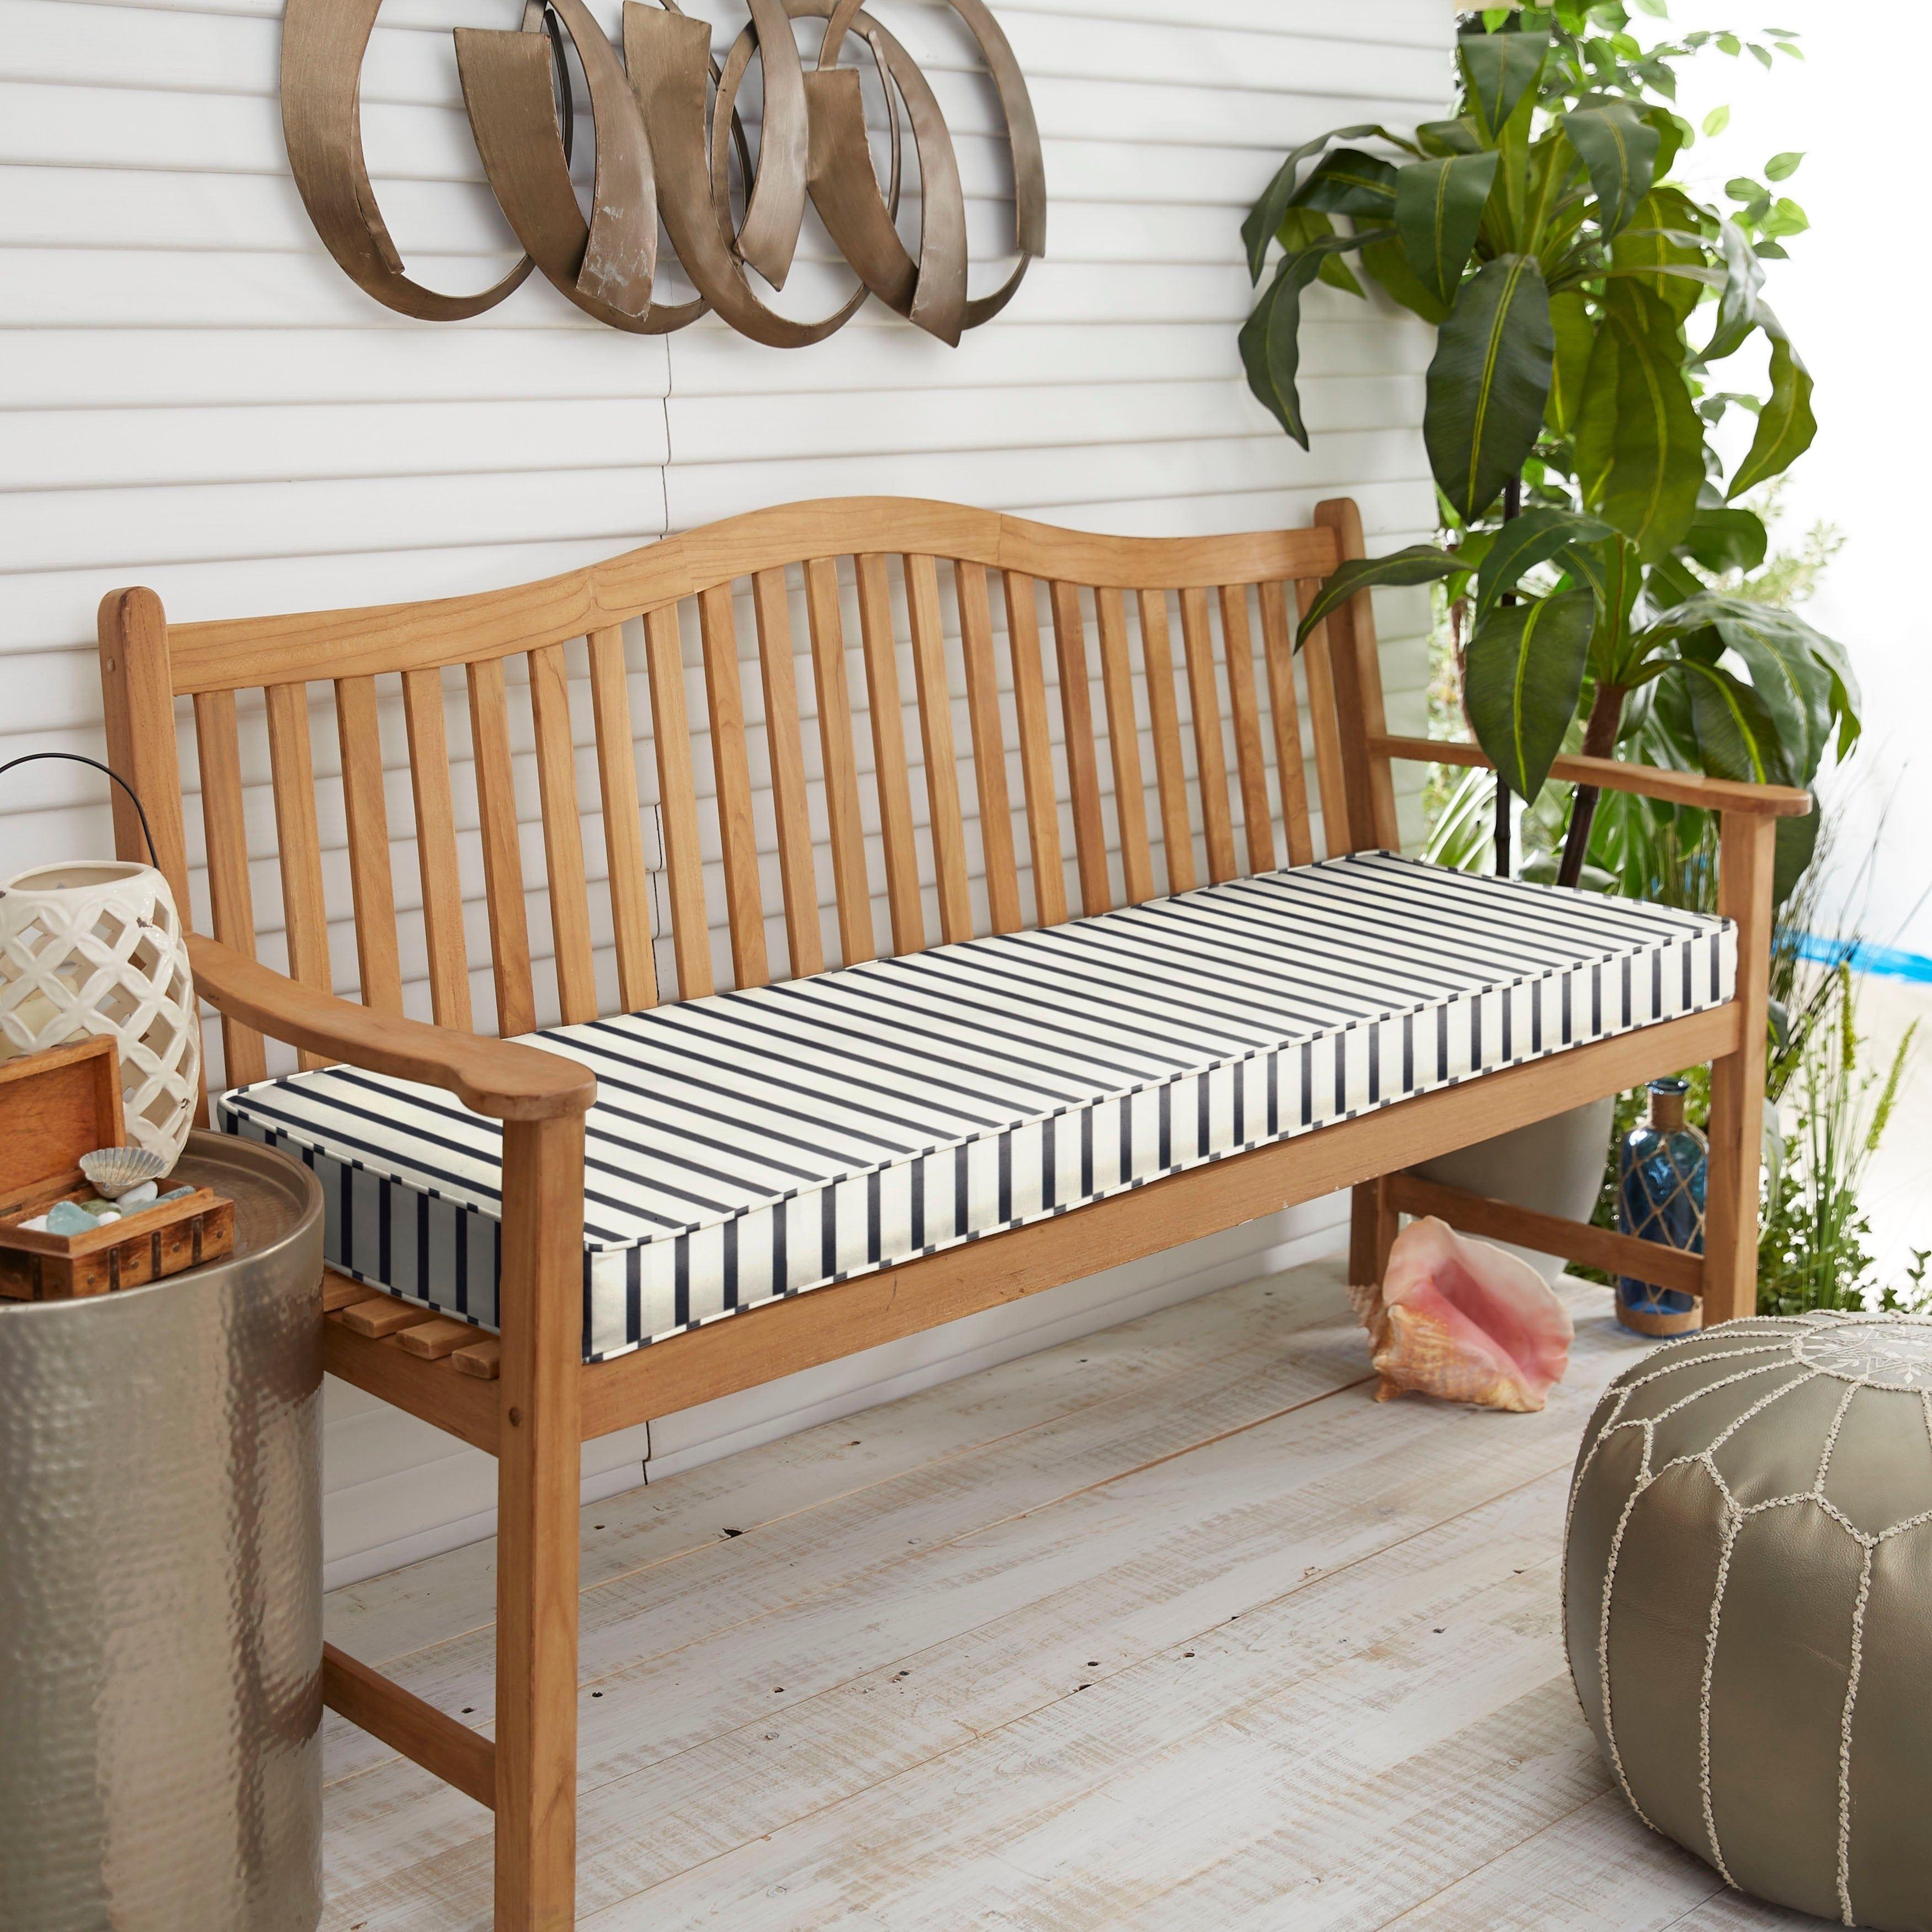 Sunbrella Blue White Stripe Indoor Outdoor Bench Cushion 40 In W X